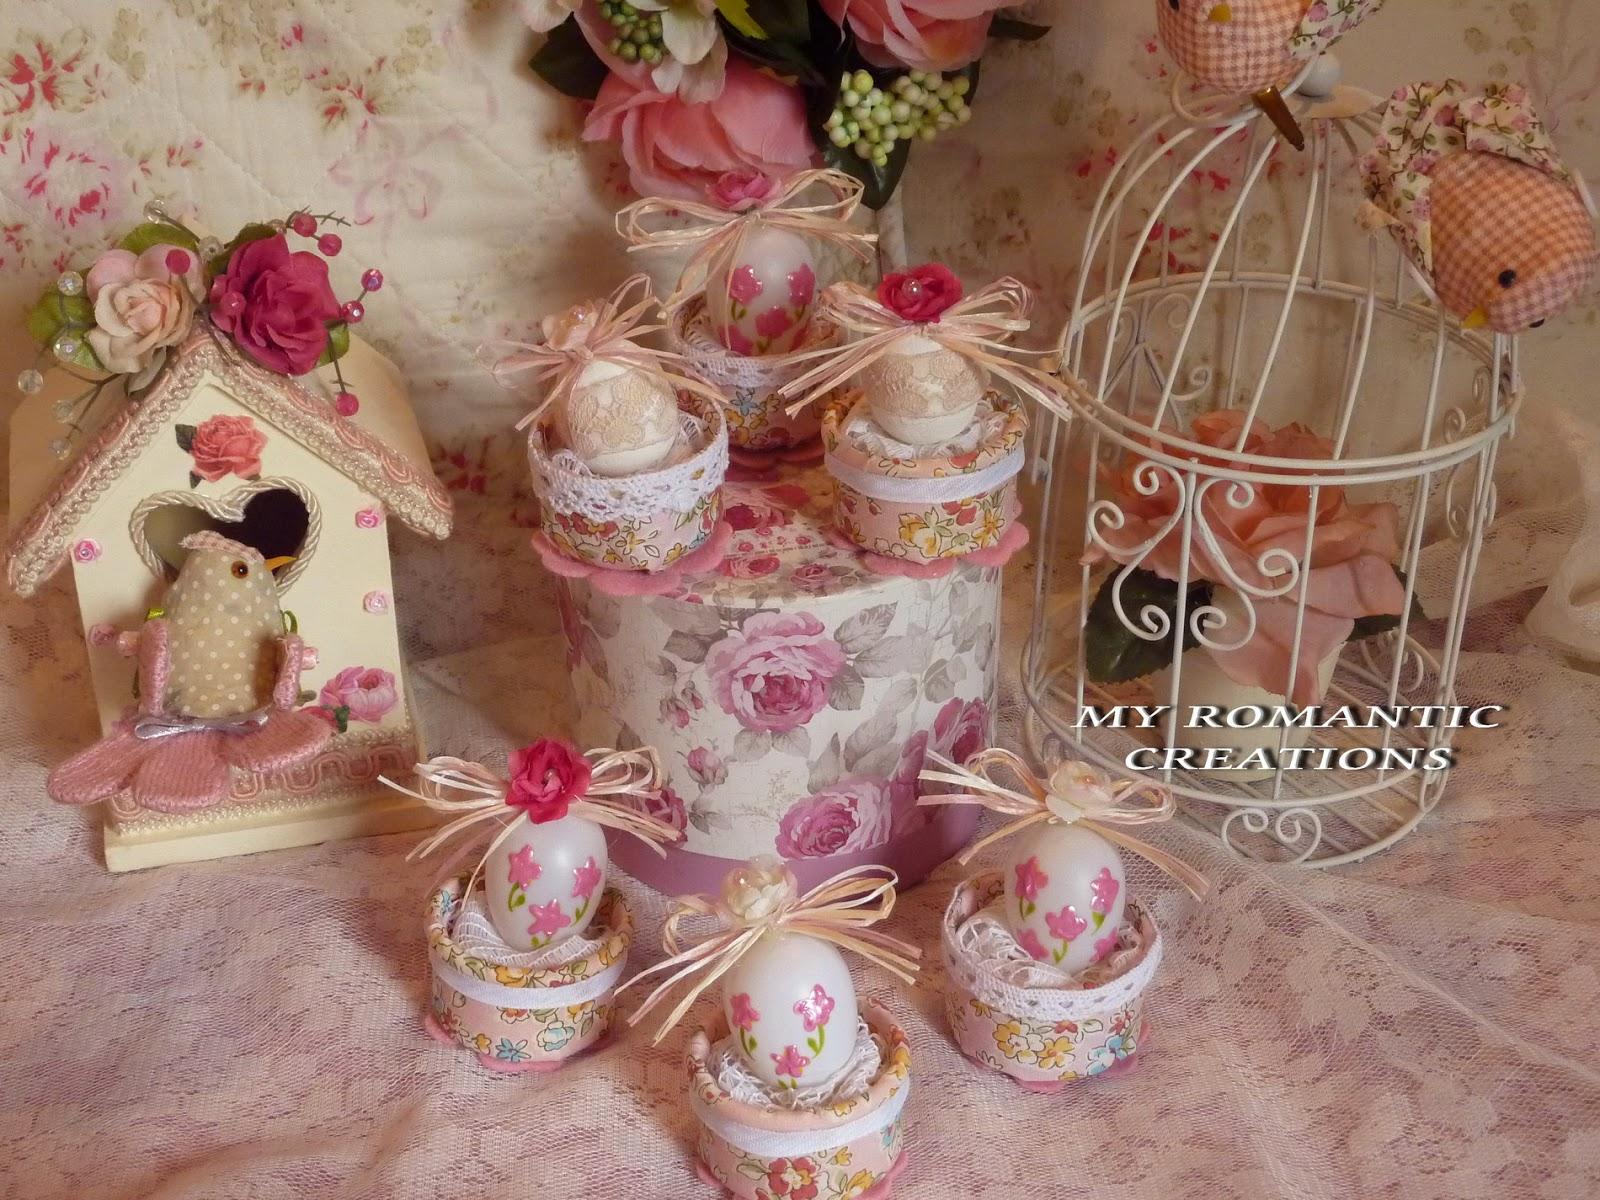 My romantic creations ovetti di pasqua - Uova di pasqua decorati ...